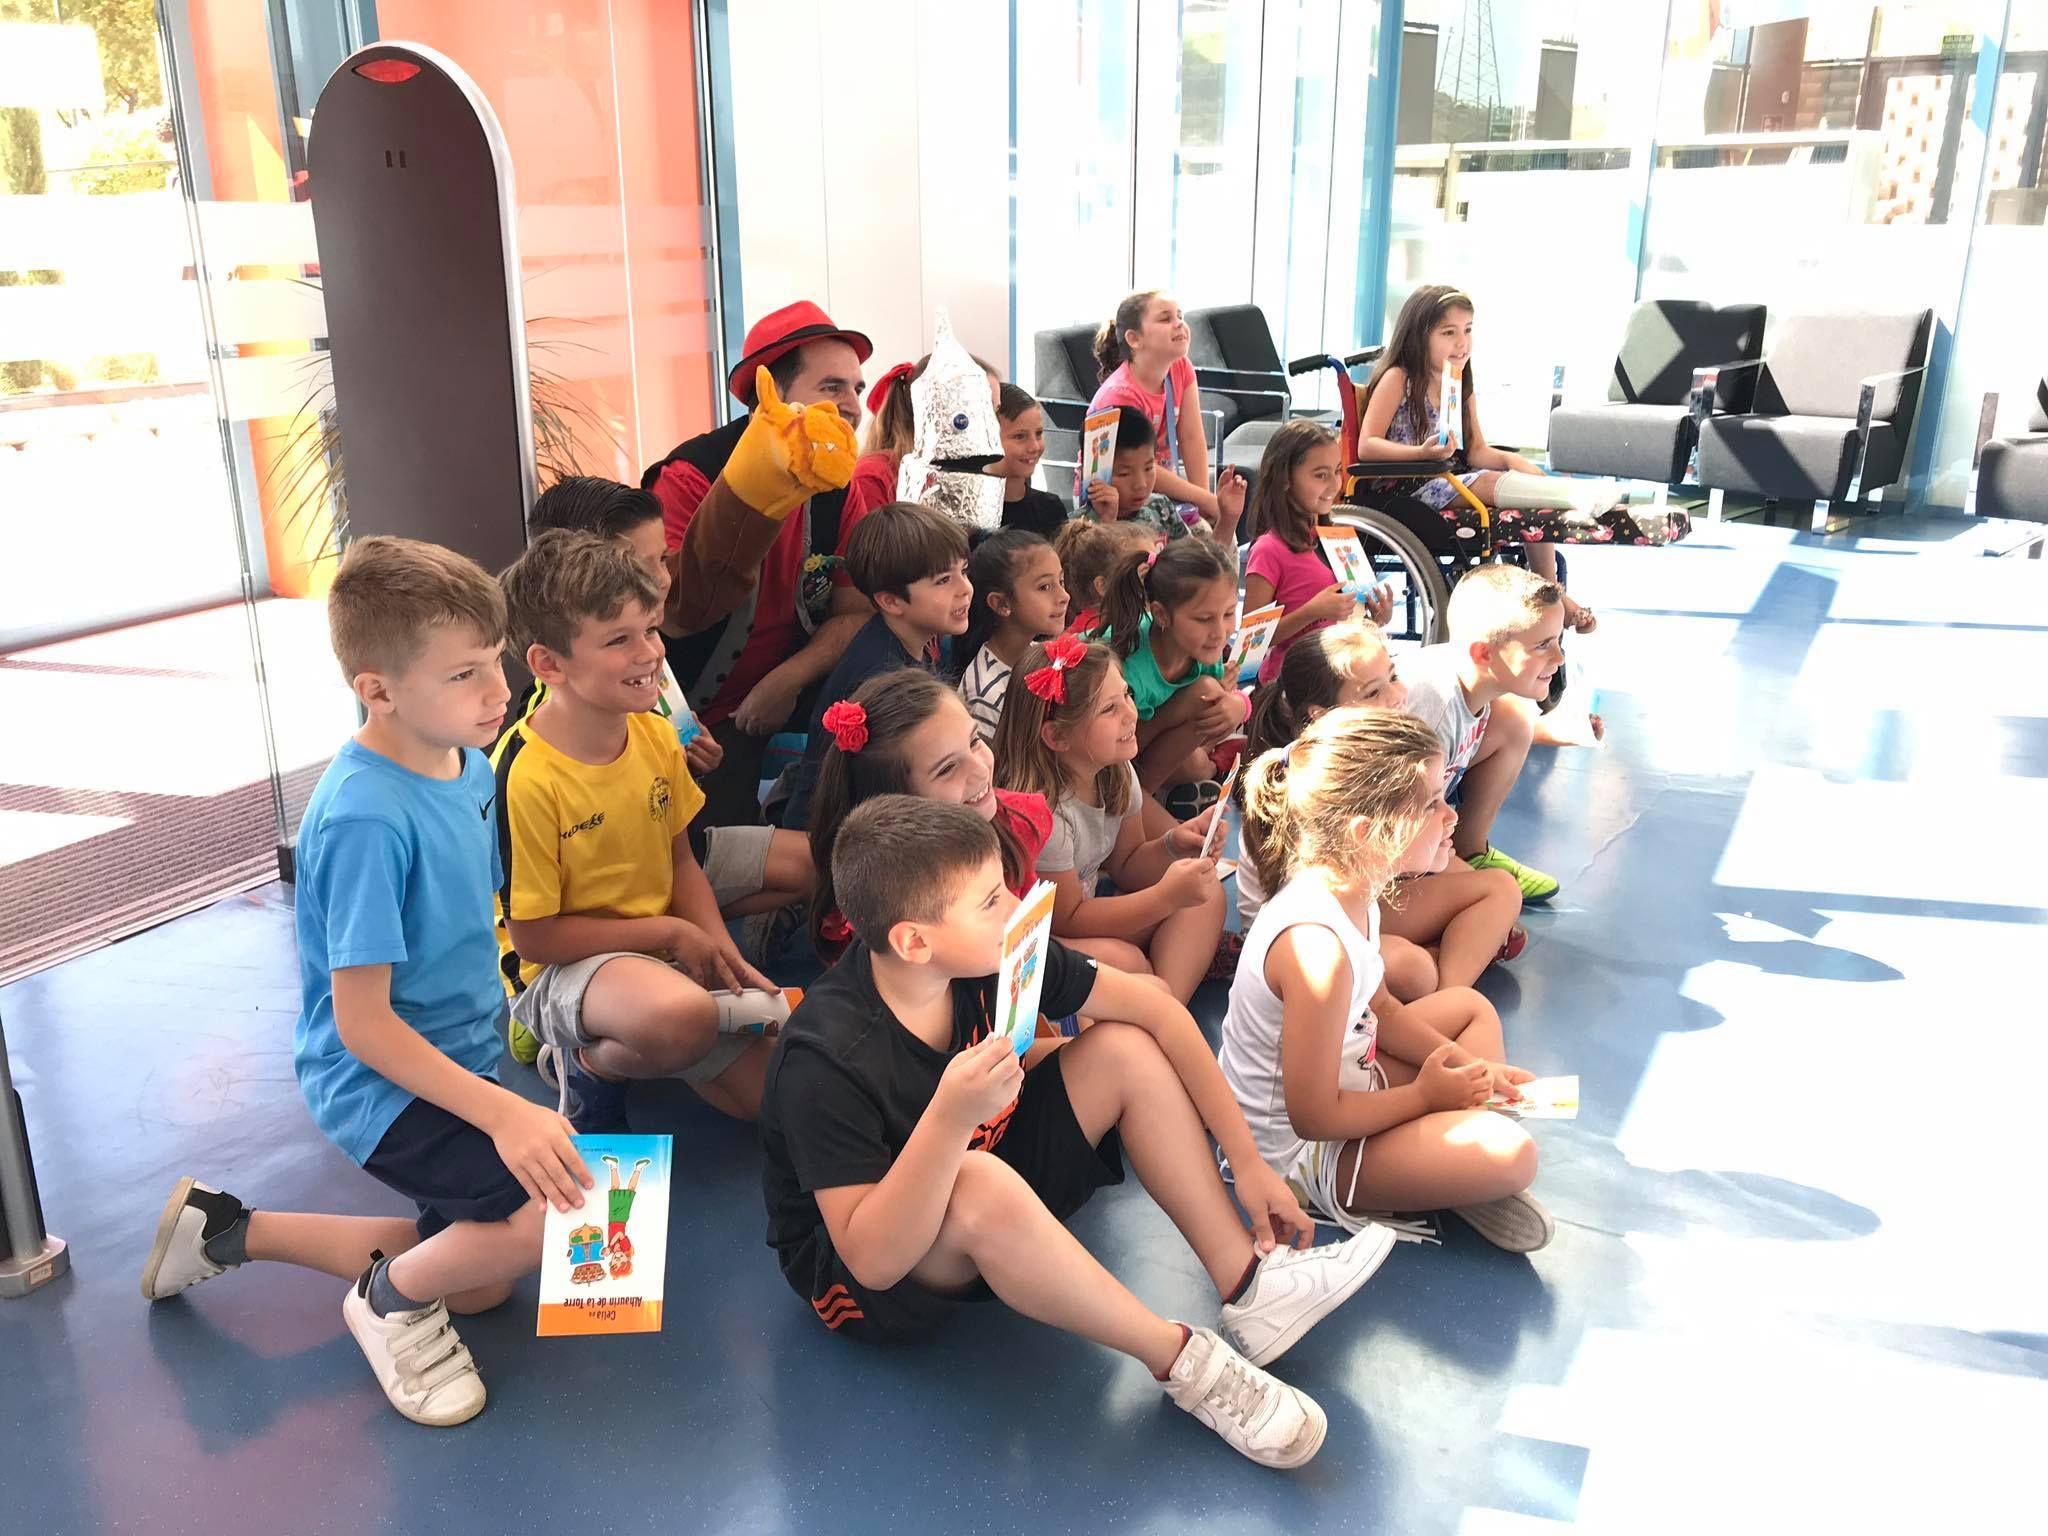 Hoy despedimos el curso escolar 2018-2019 con los alumnos de primero de primaria del CEIP Isaac Peral. ¡El Mago de Oz como protagonista en versión alhaurina ha sorprendido a los tres grupos de primero.